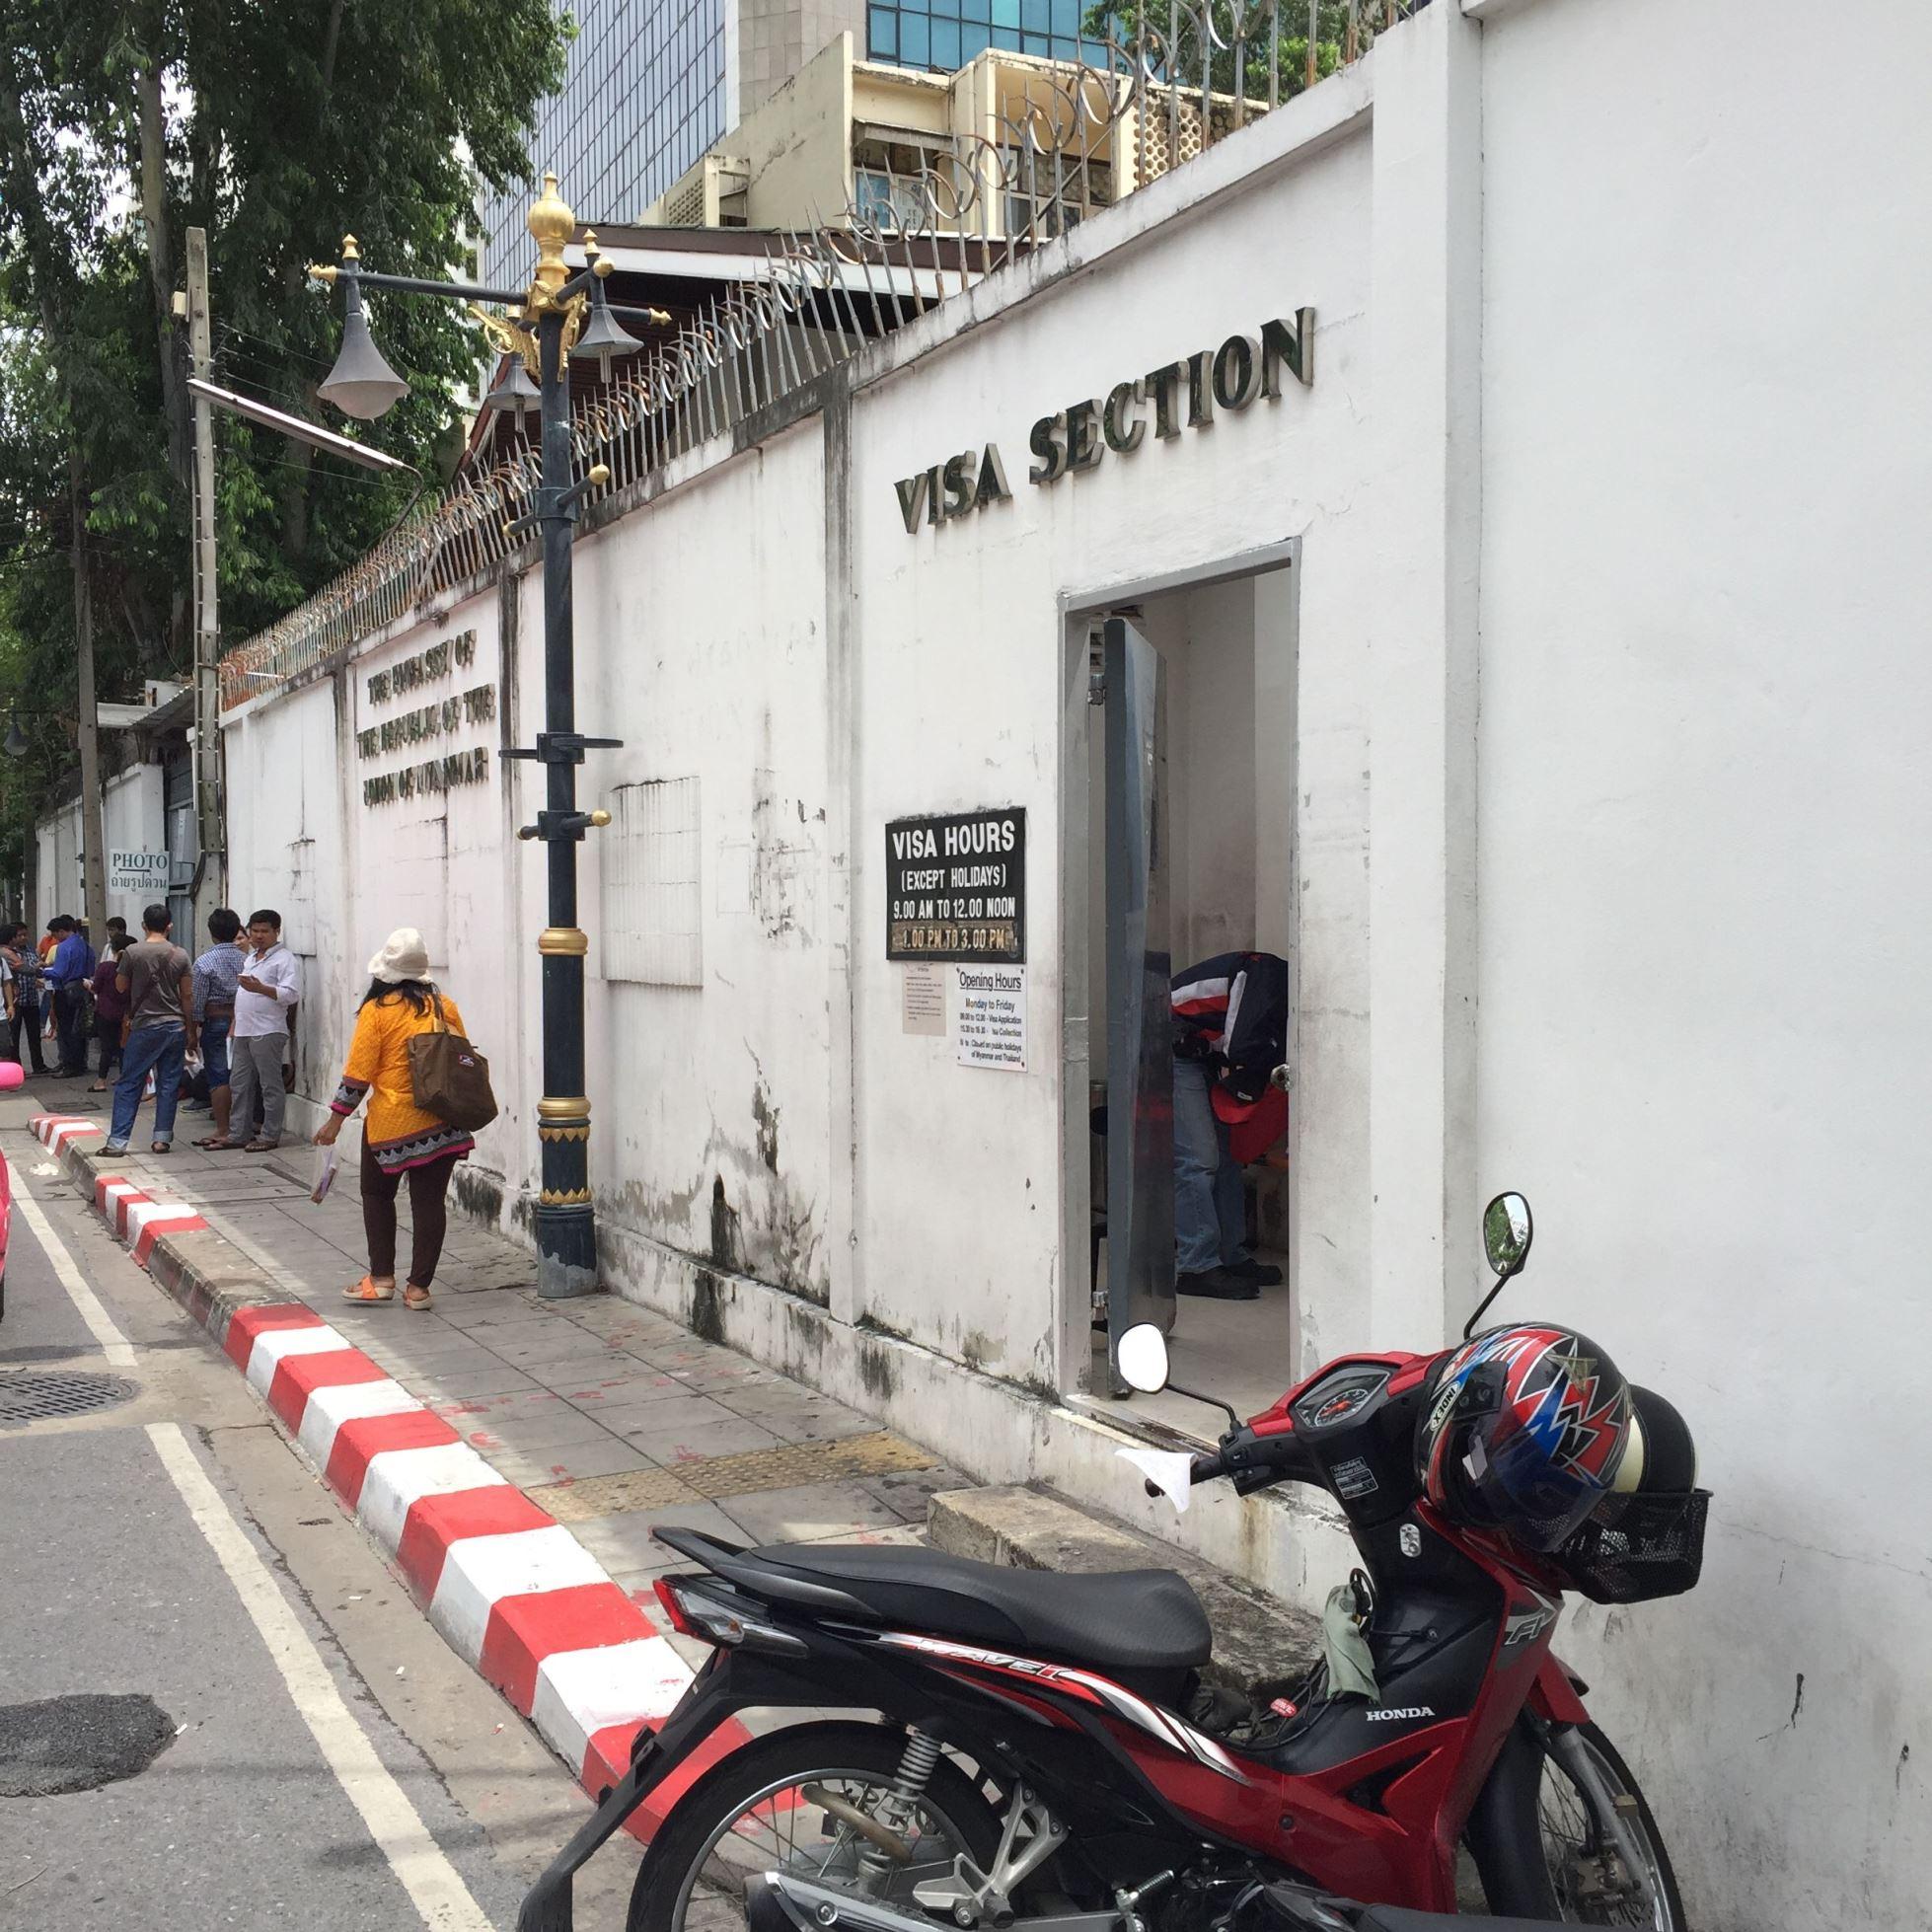 ミャンマーのビザ申請費用が大幅値上げ